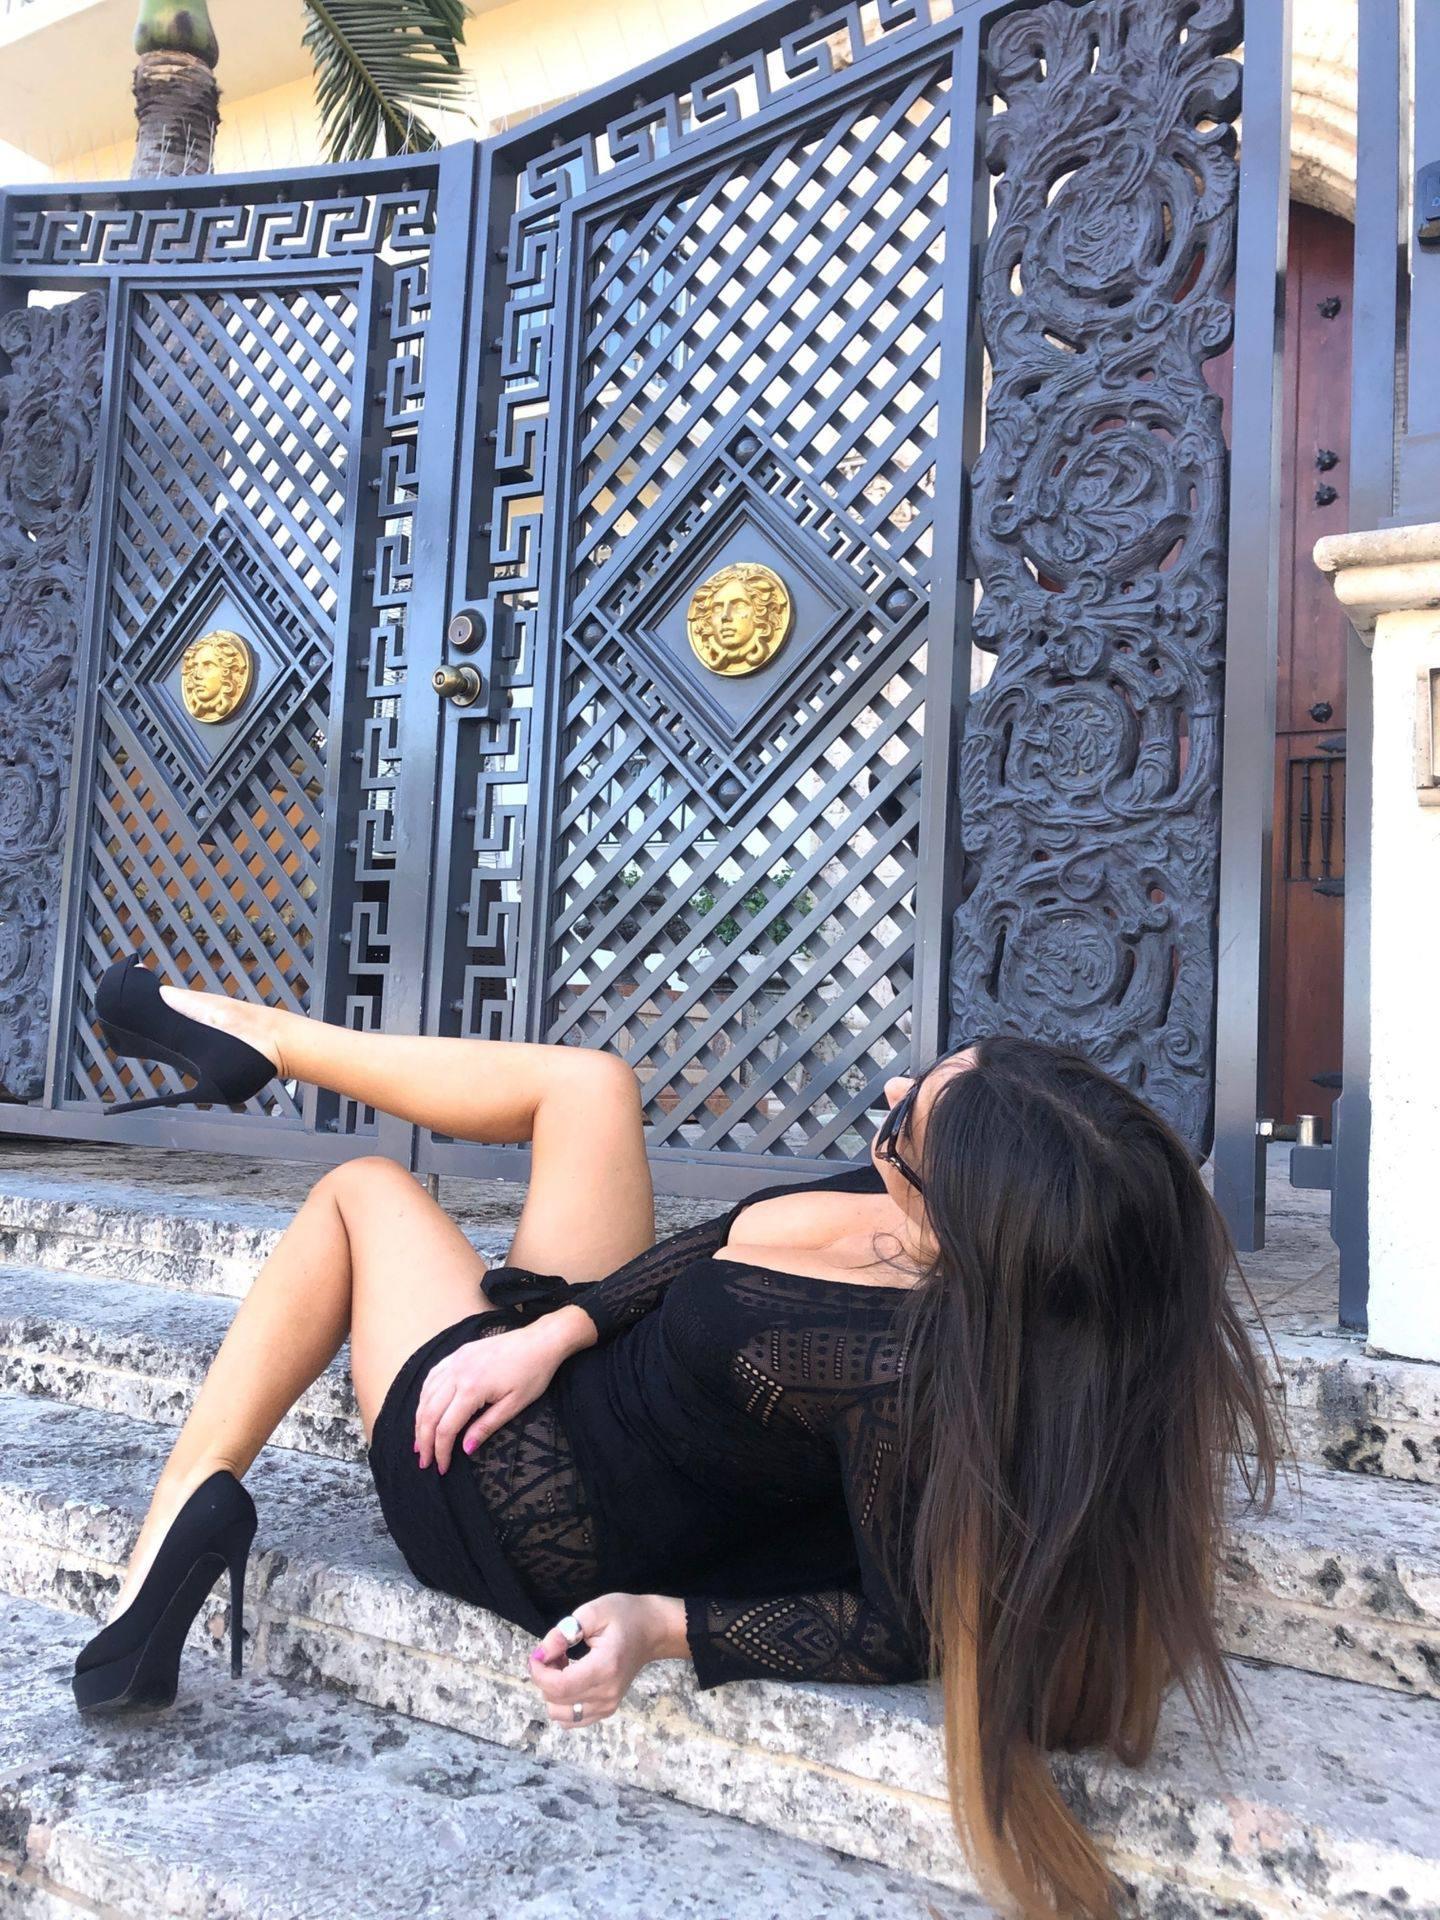 Claudia Romani – Sexy Legs And Big Boobs In Beautiful Black Dress 0009